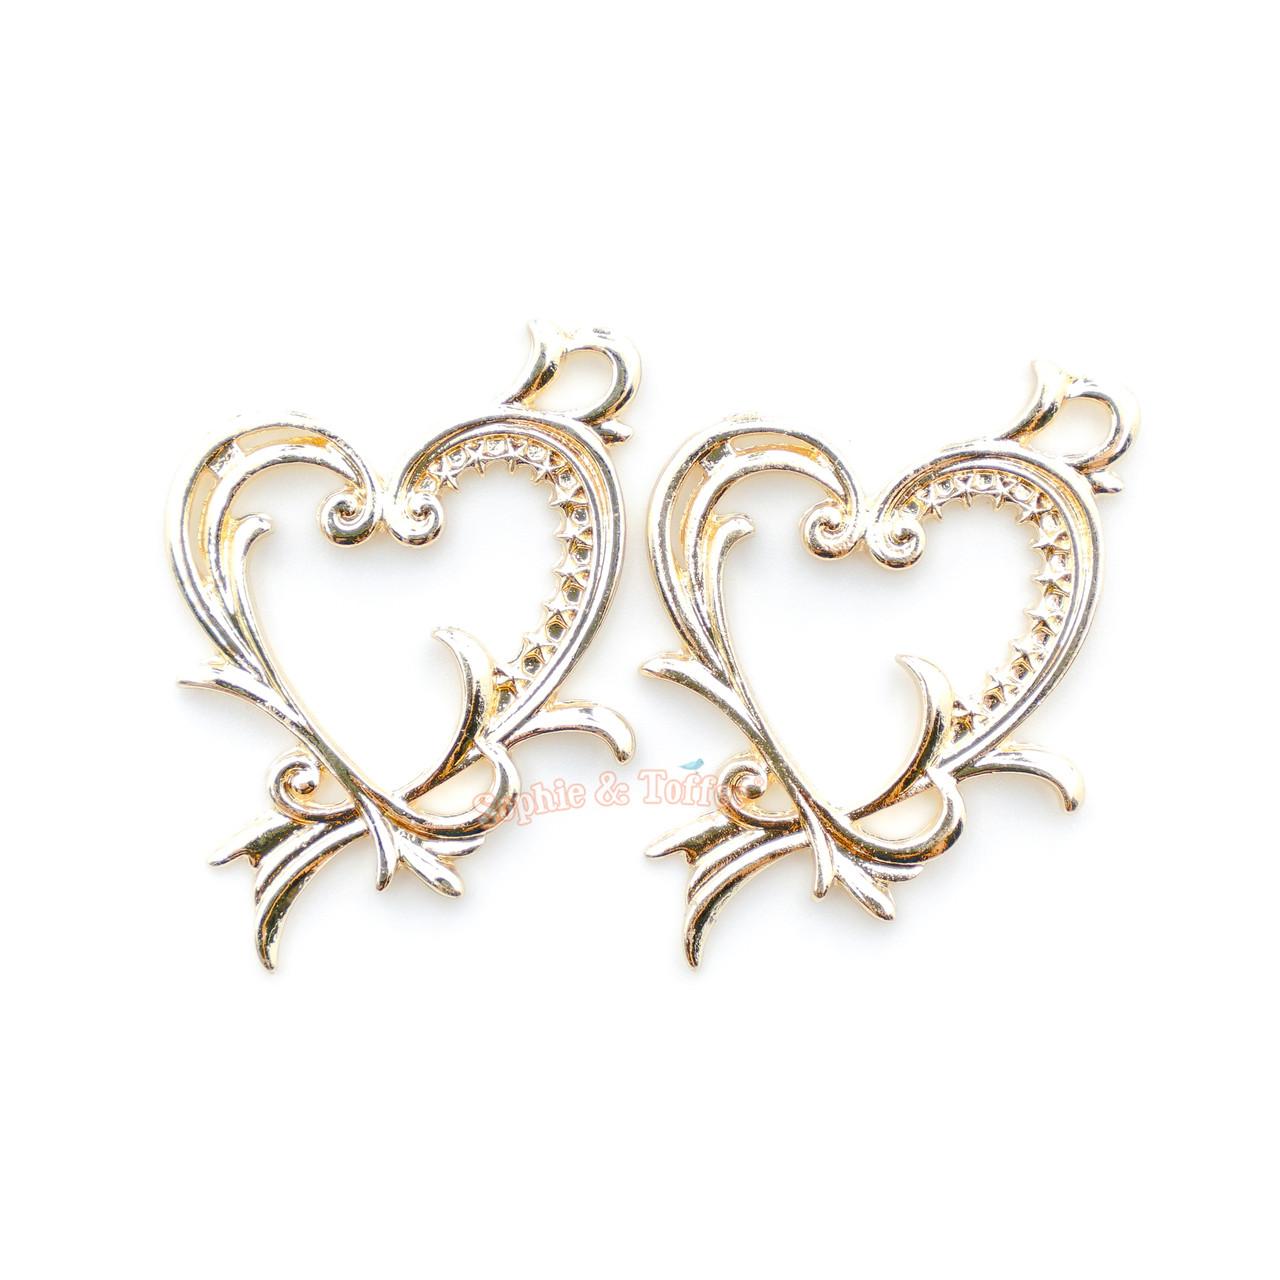 Heart Frame Star Open Bezel Charms   Ornate Heart Open Backed Bezel ...